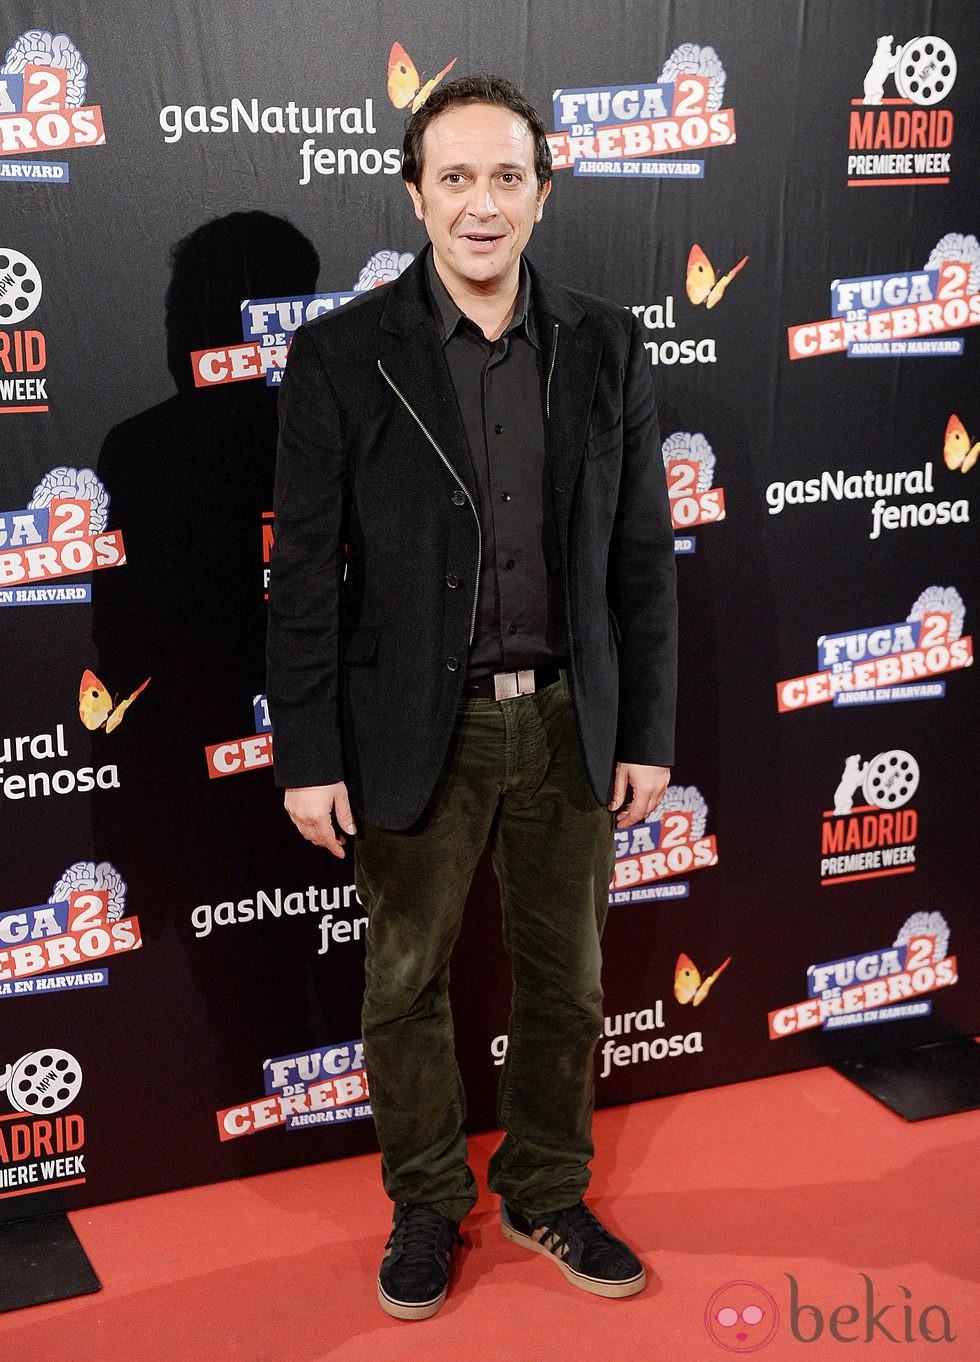 Luis Callejo en el estreno de 'Fuga de cerebros 2' en la 'Madrid Premiere Week'